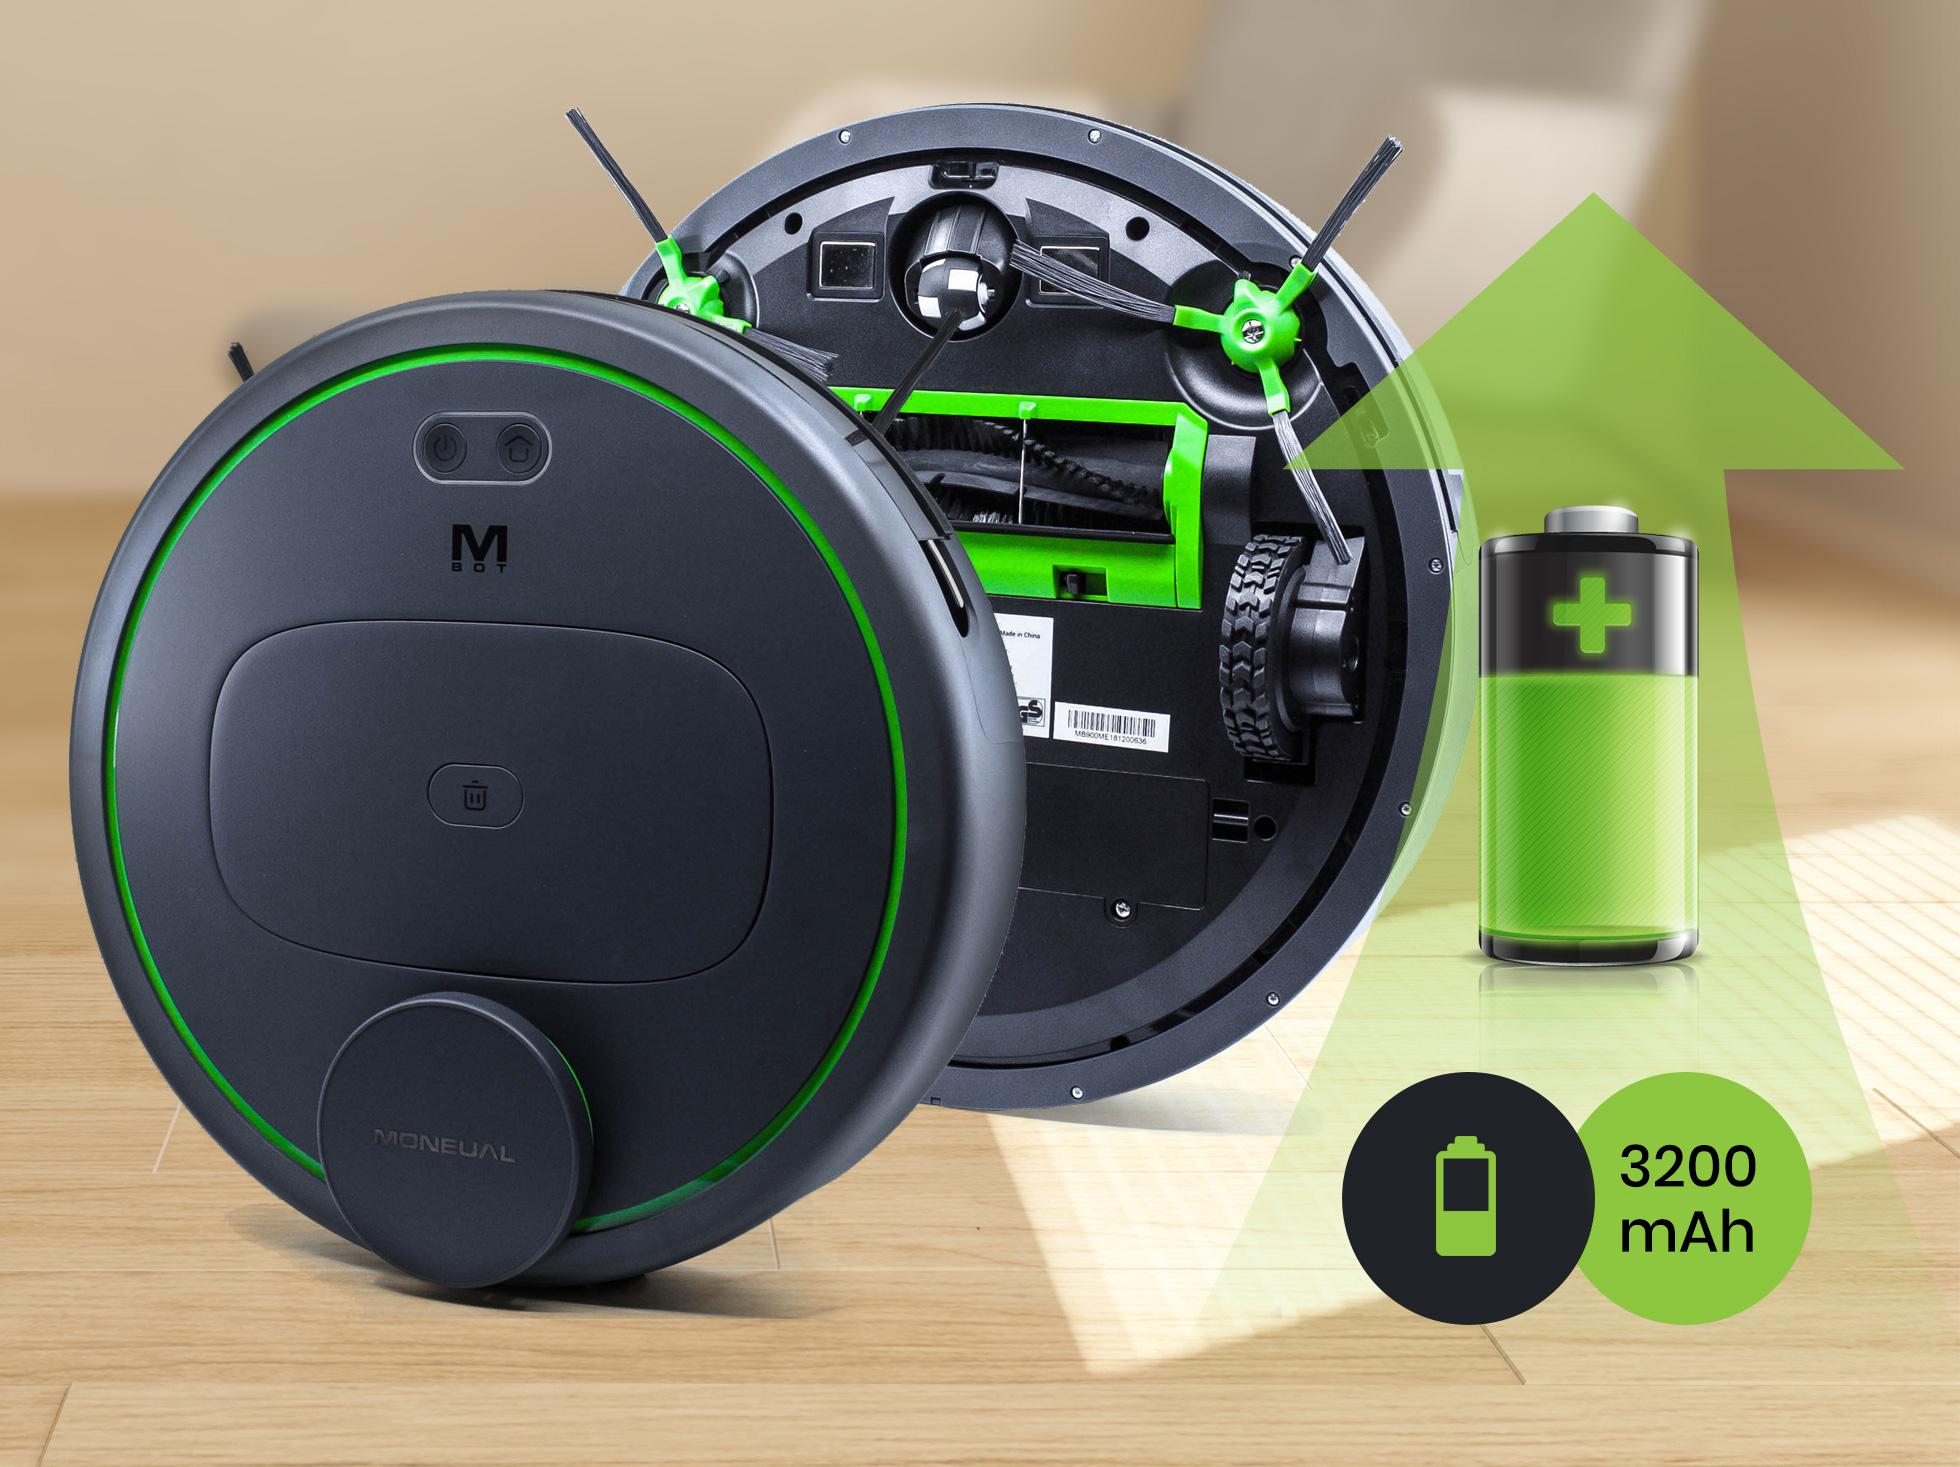 Duża bateria o pojemności 3200mAh zapewni wydajną i długa pracę